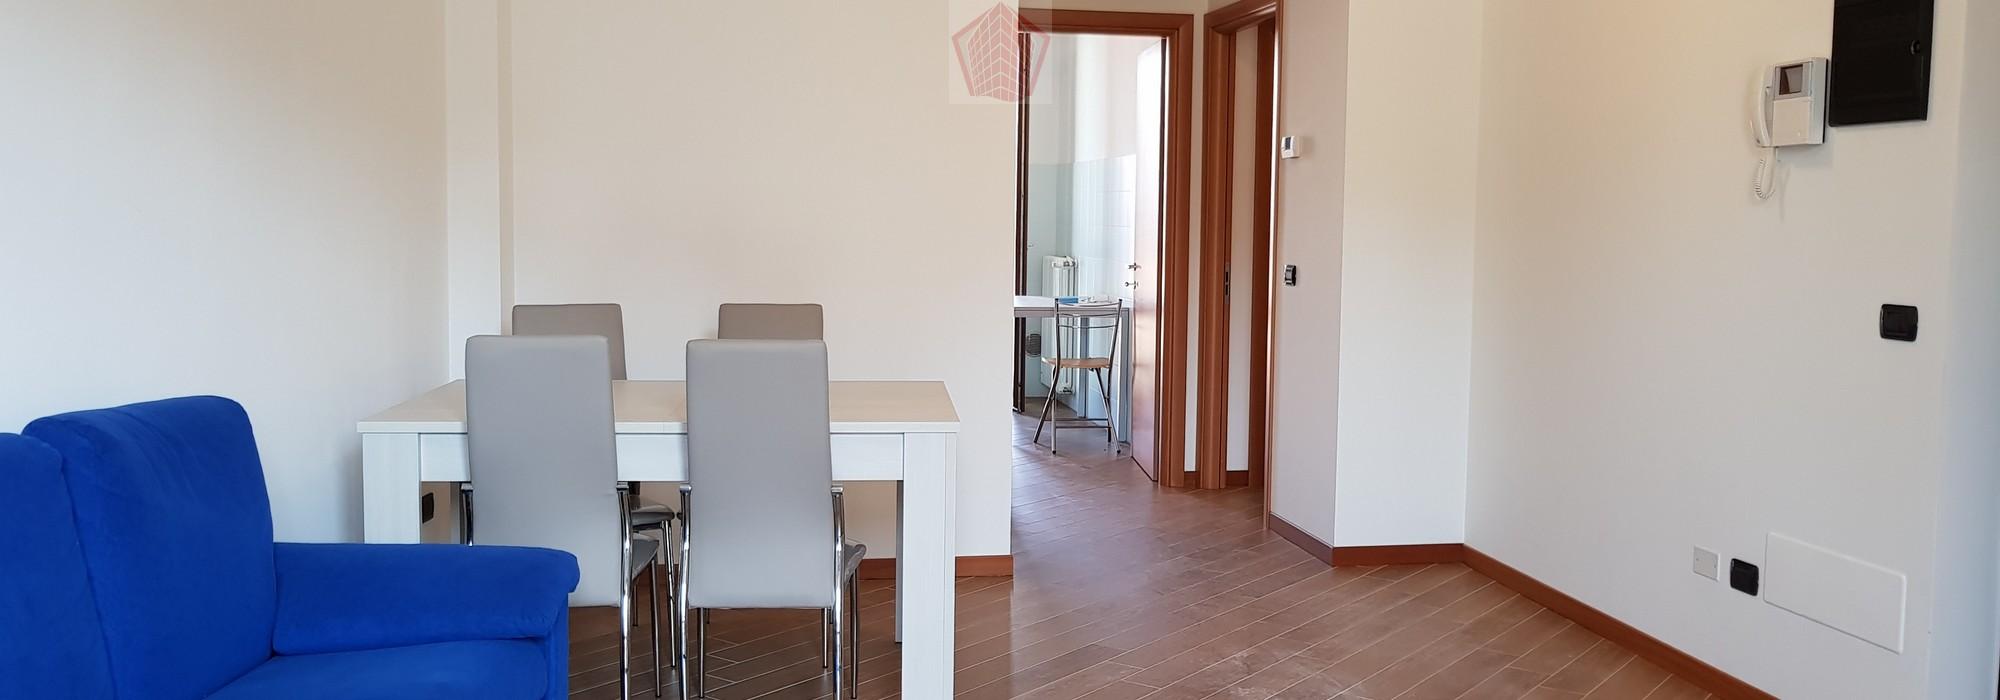 Stradella (PV) Centro Appartamento trilocale nuovo con box Classe B Rif. 133